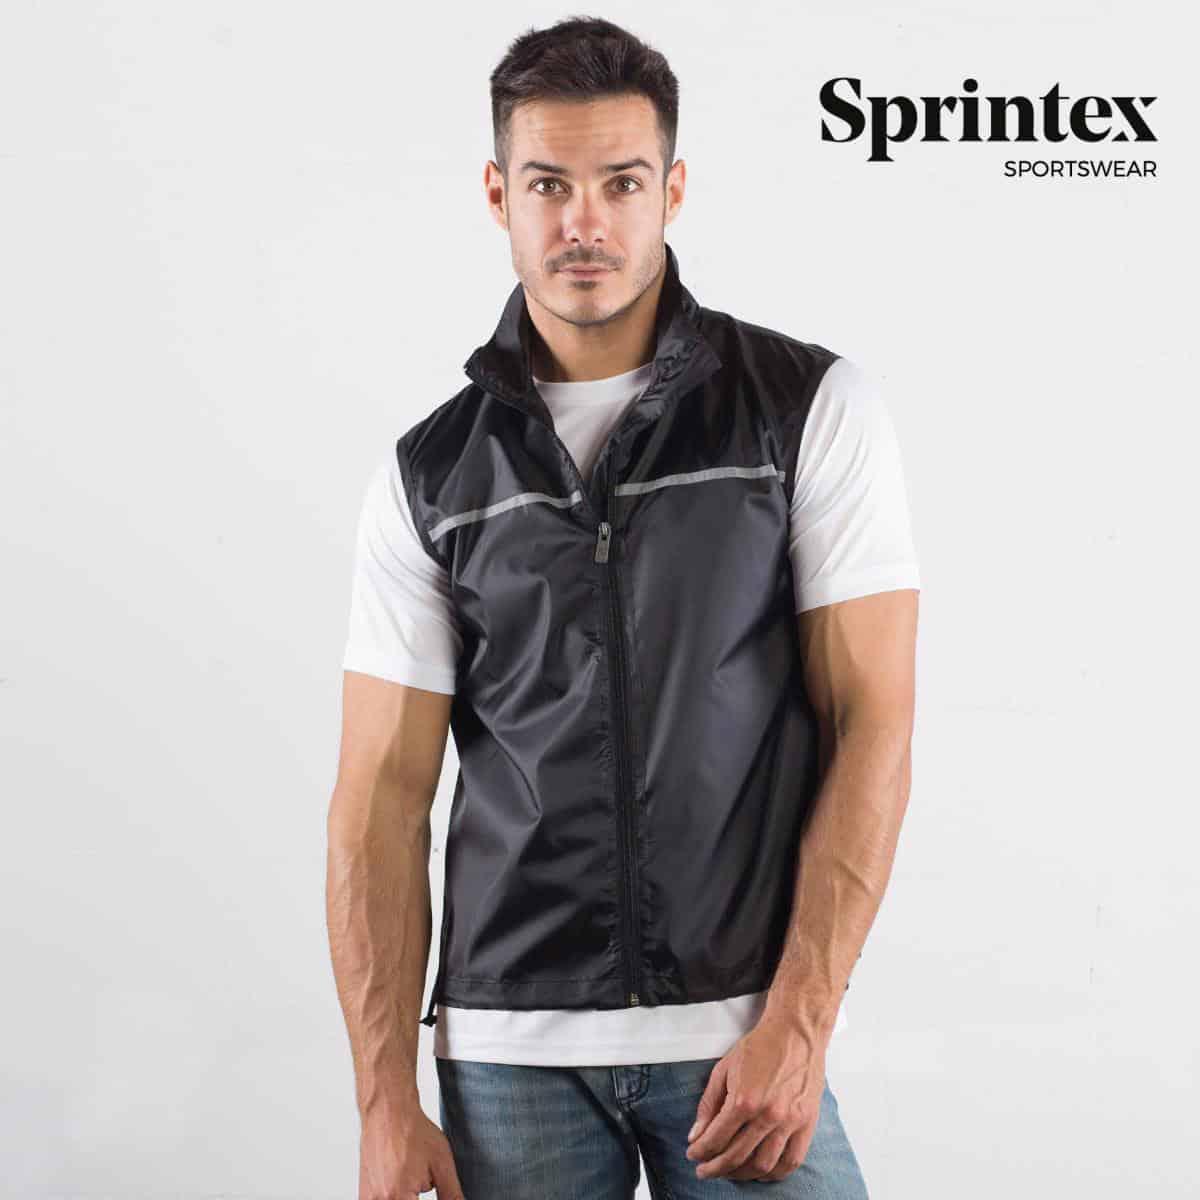 Uomo con gilet nero smanicato con catarinfrangenti davanti e dietro, zip e taschina interna 100% poliestere